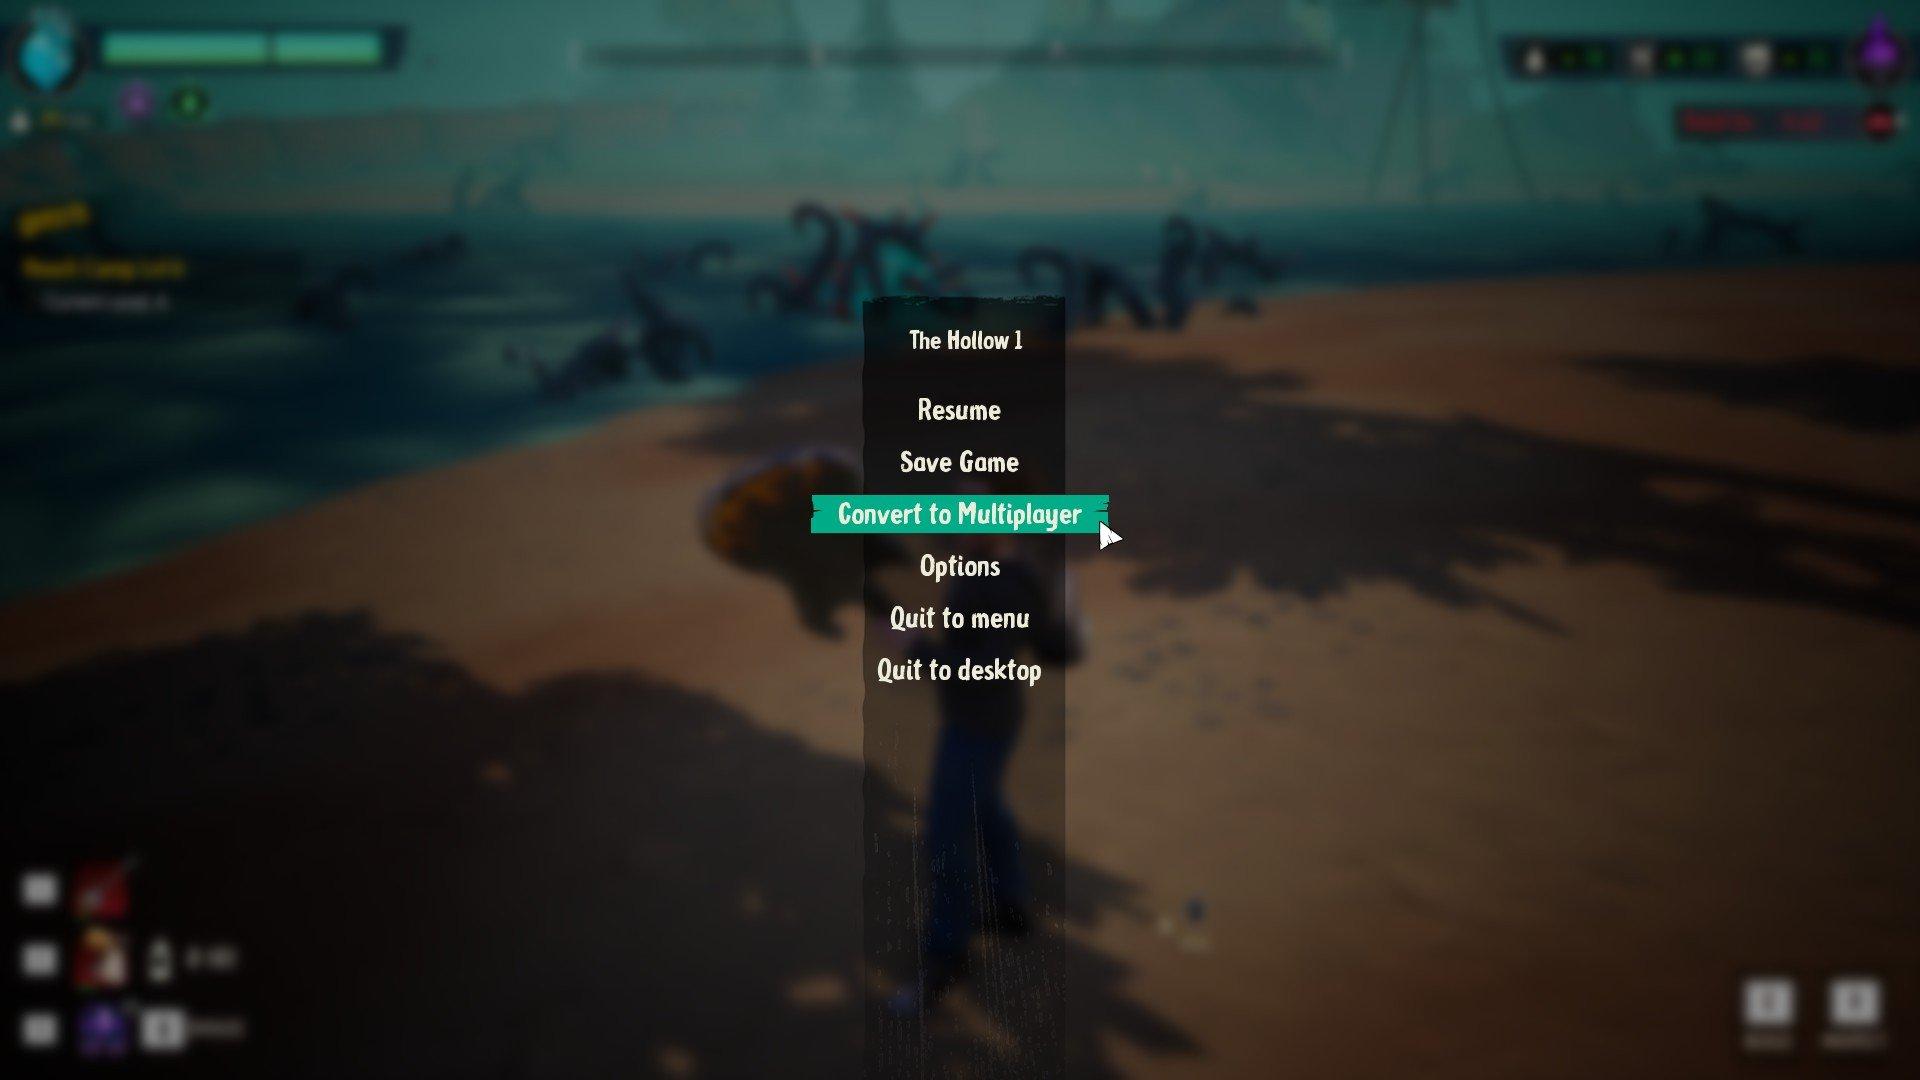 Drake Hollow - Multiplayer